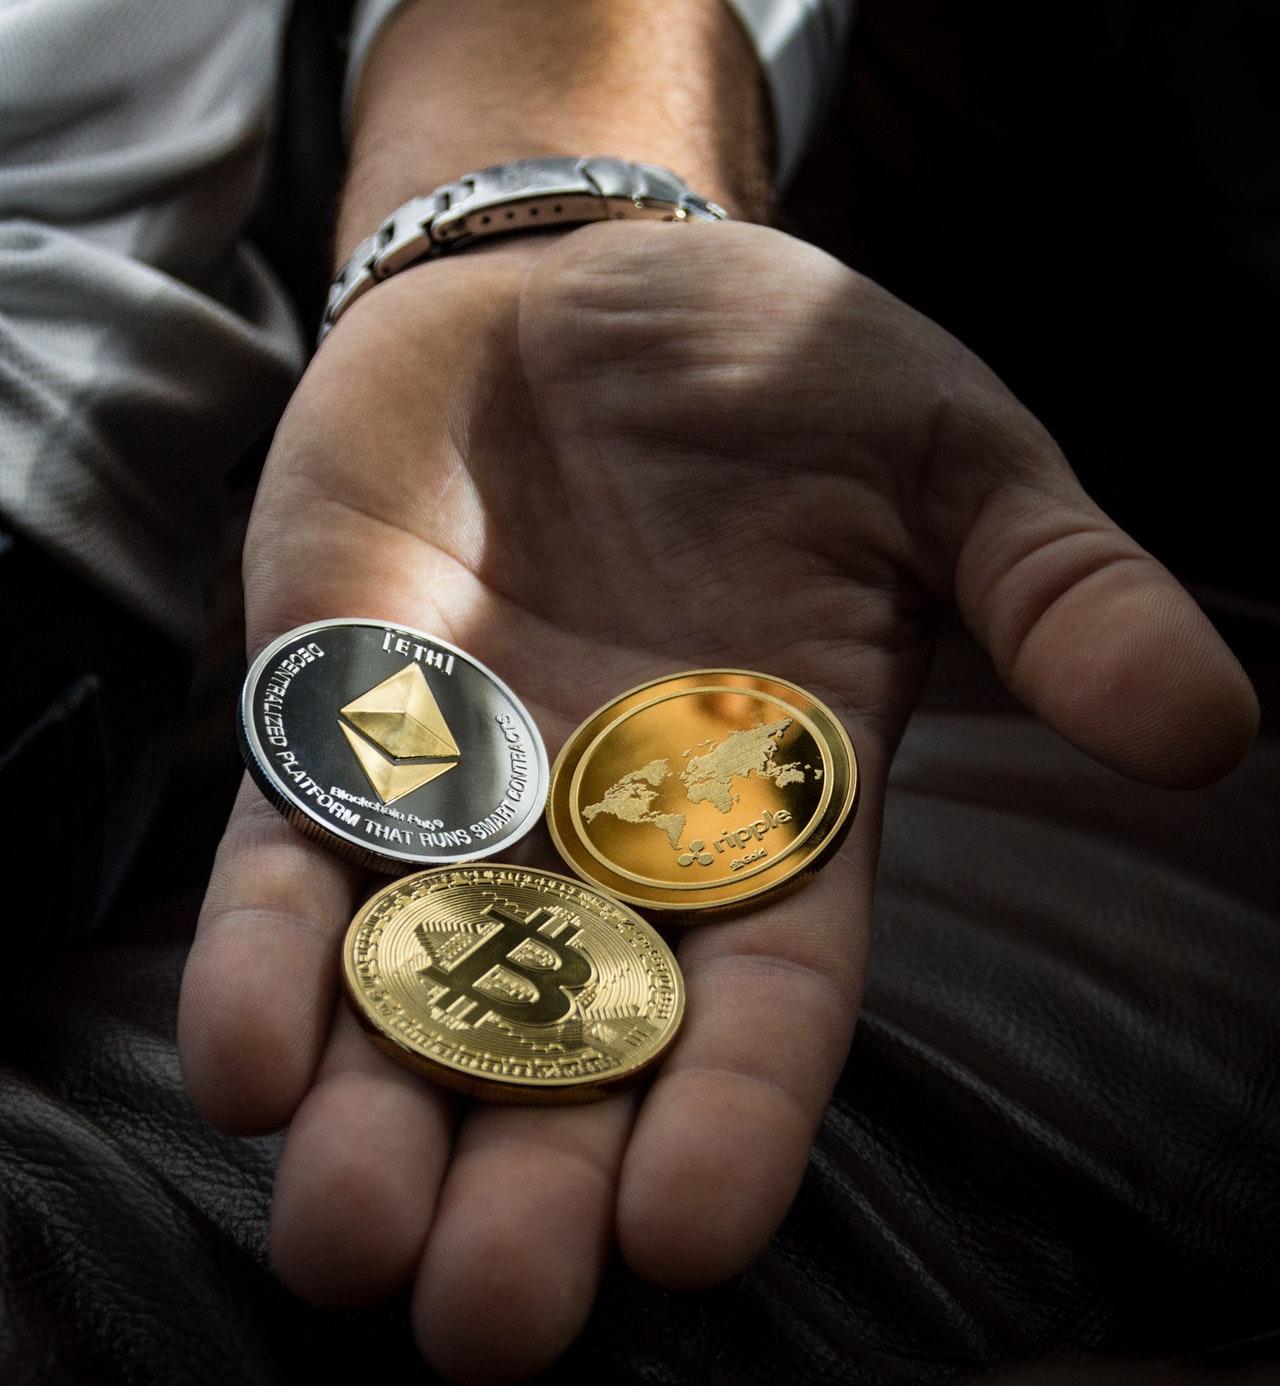 Beleggen in crypto: welke crypto kan in de toekomst drastisch stijgen?